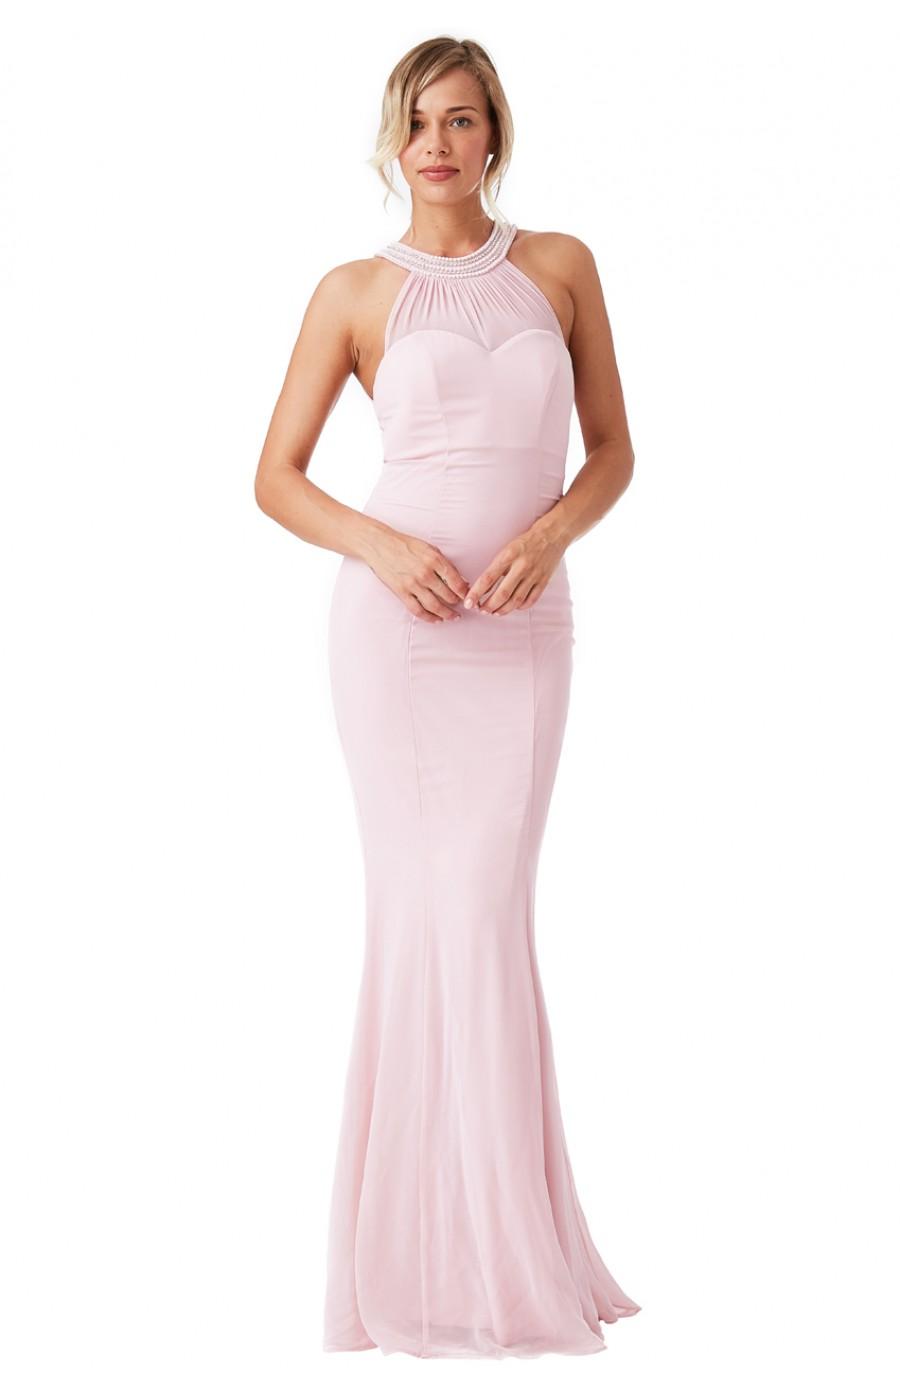 Ροζ μακρύ σιφόν φόρεμα